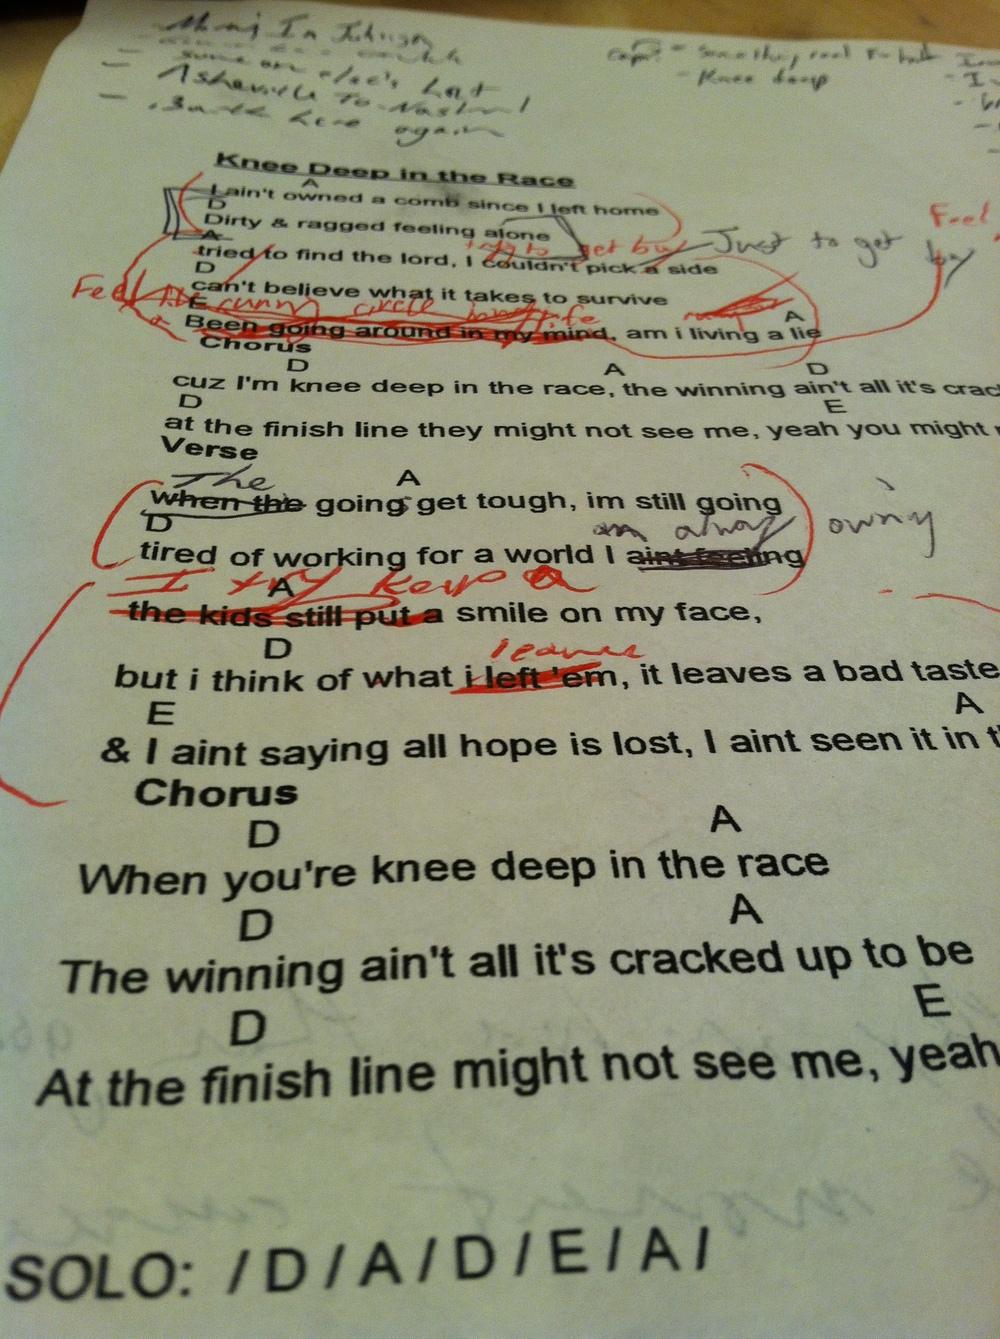 KneeDeep Lyrics Page.jpg